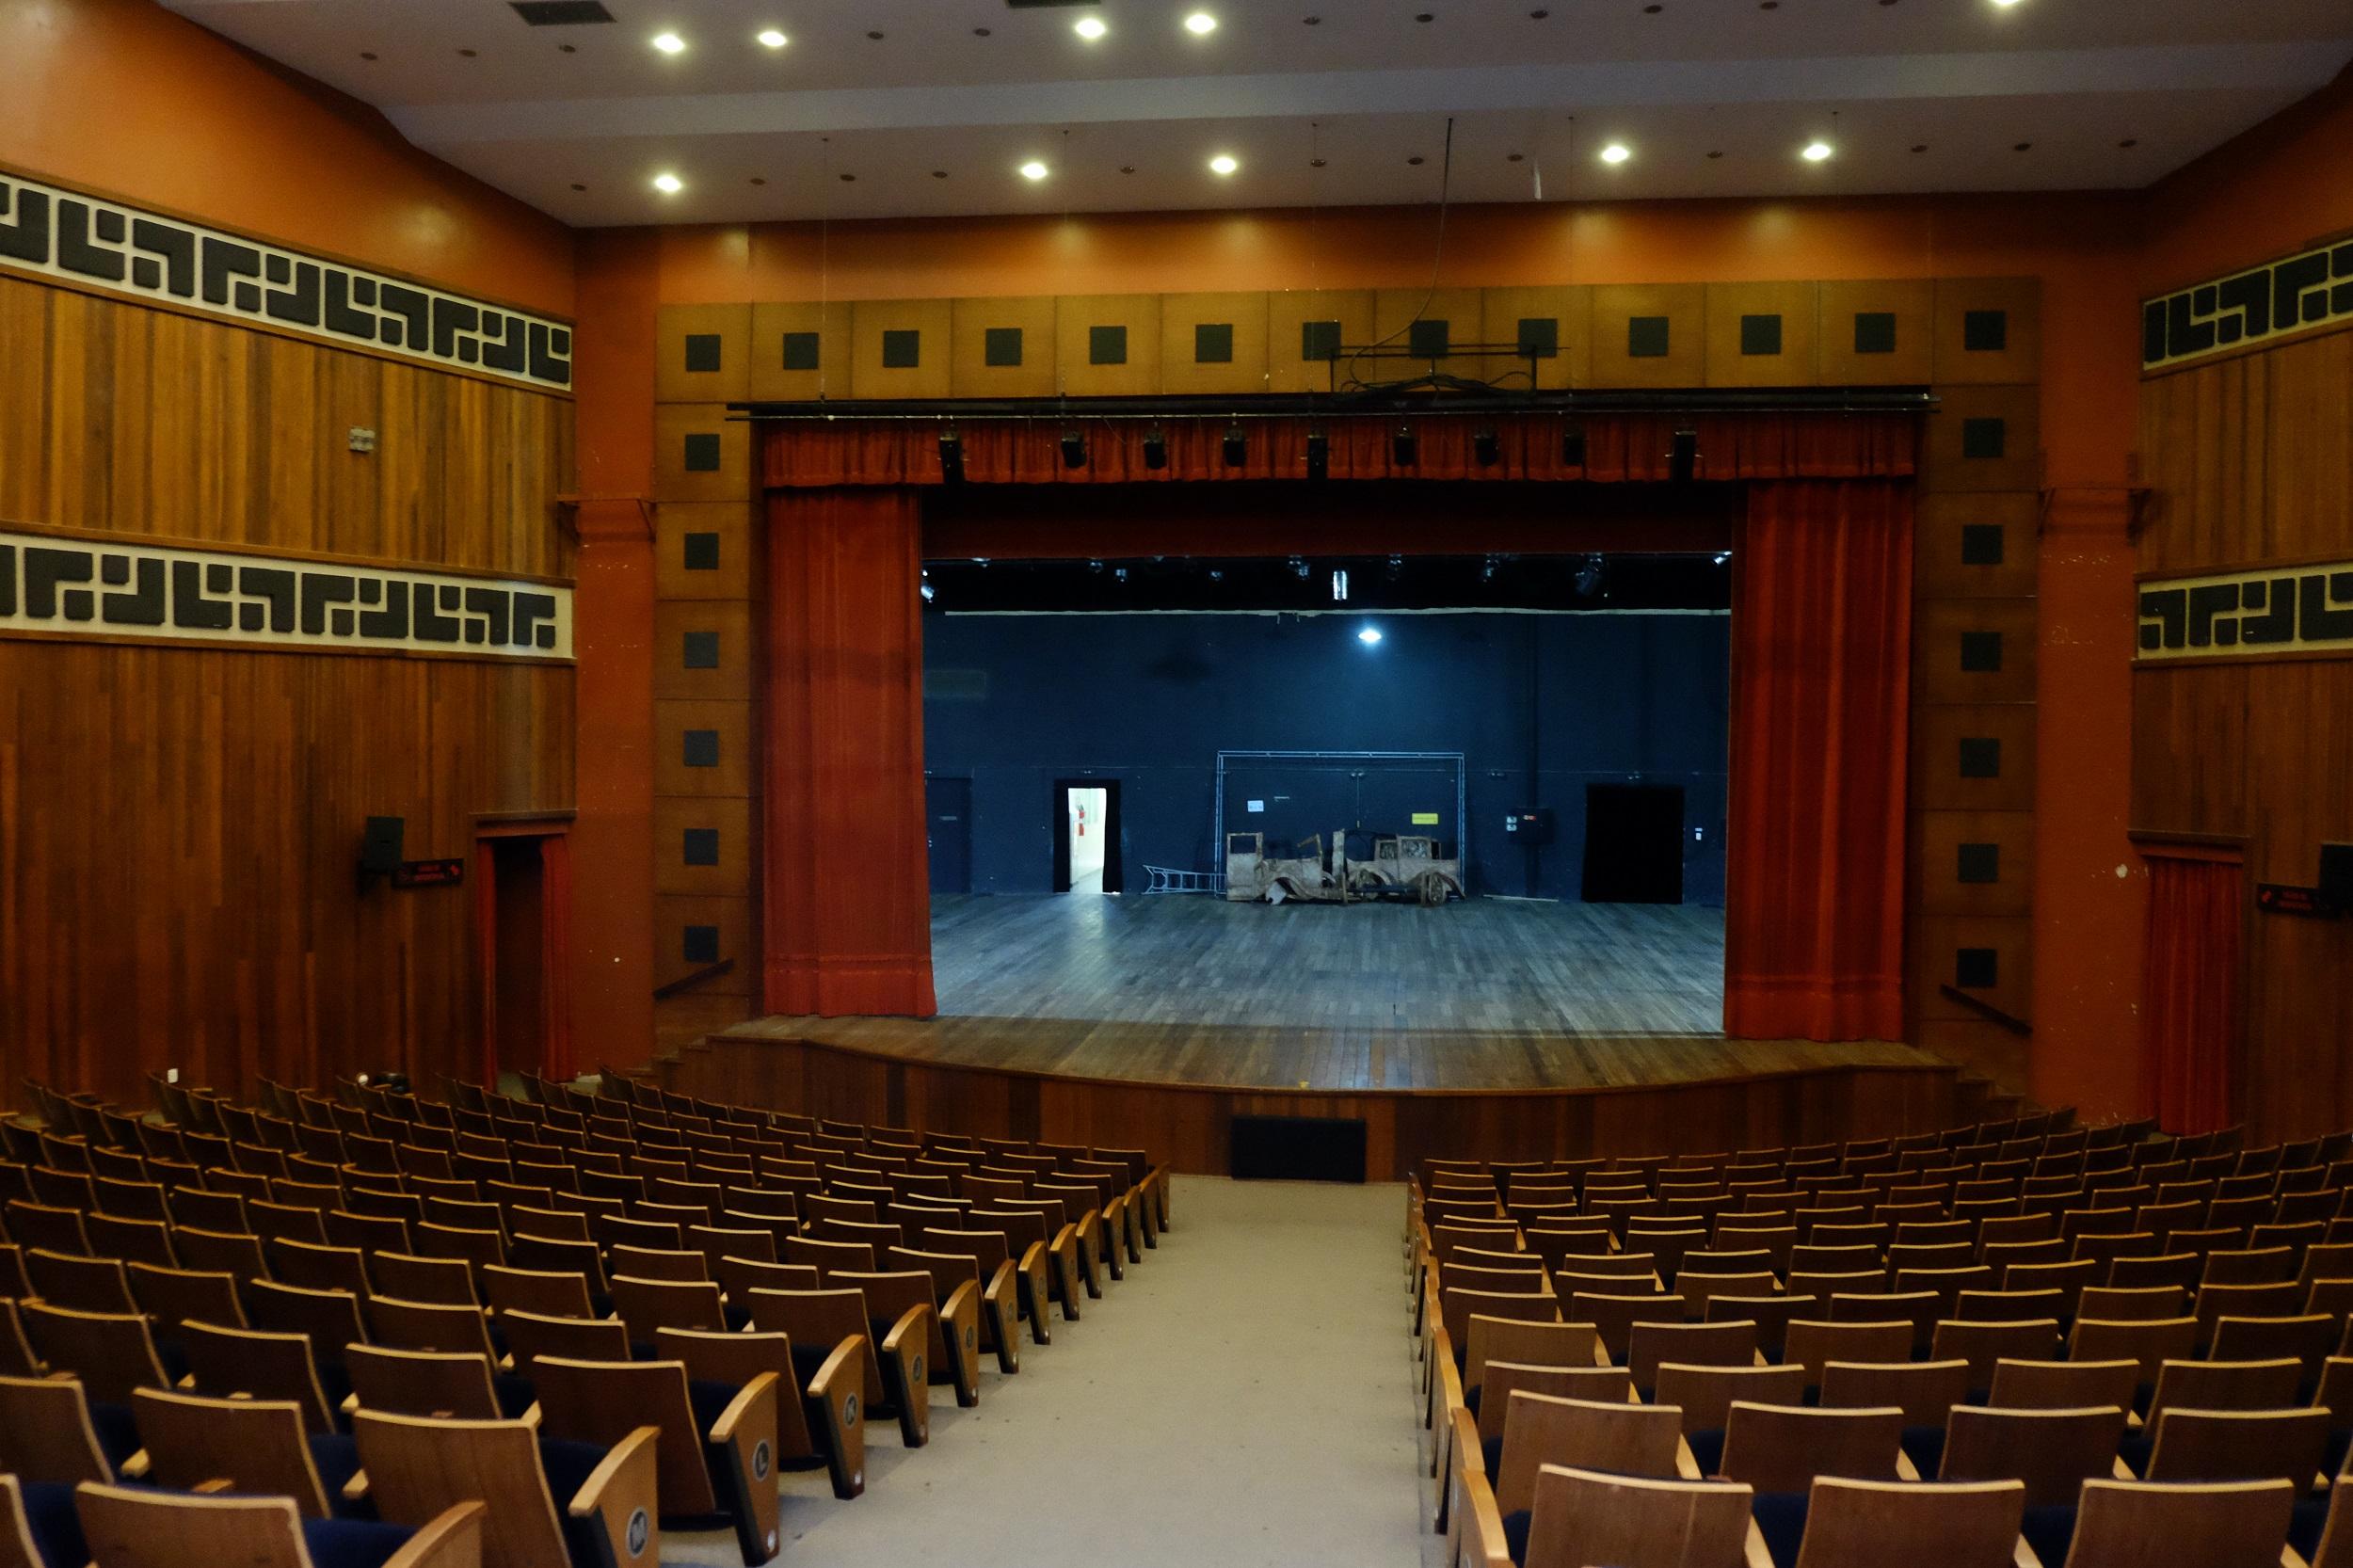 Teatro Municipal recebe mostra de documentários do Projeto Vida nesta quarta-feira